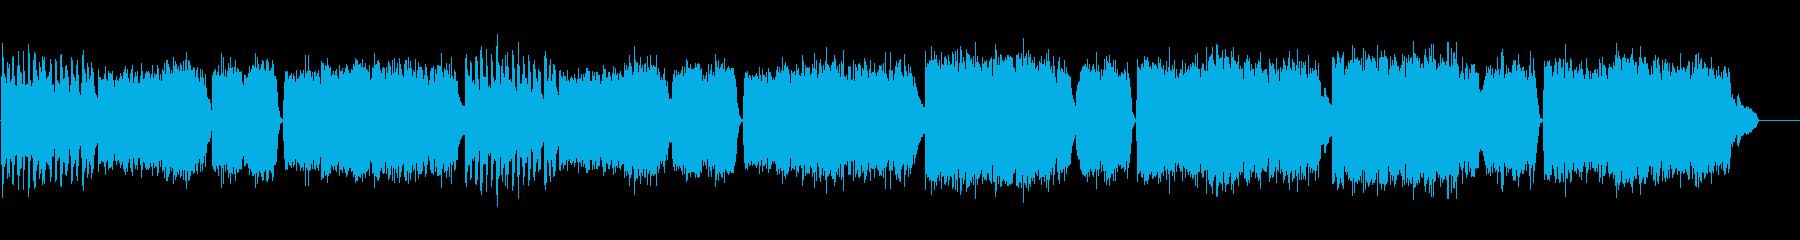 激しいチェンバロ曲 スカルラッティの再生済みの波形